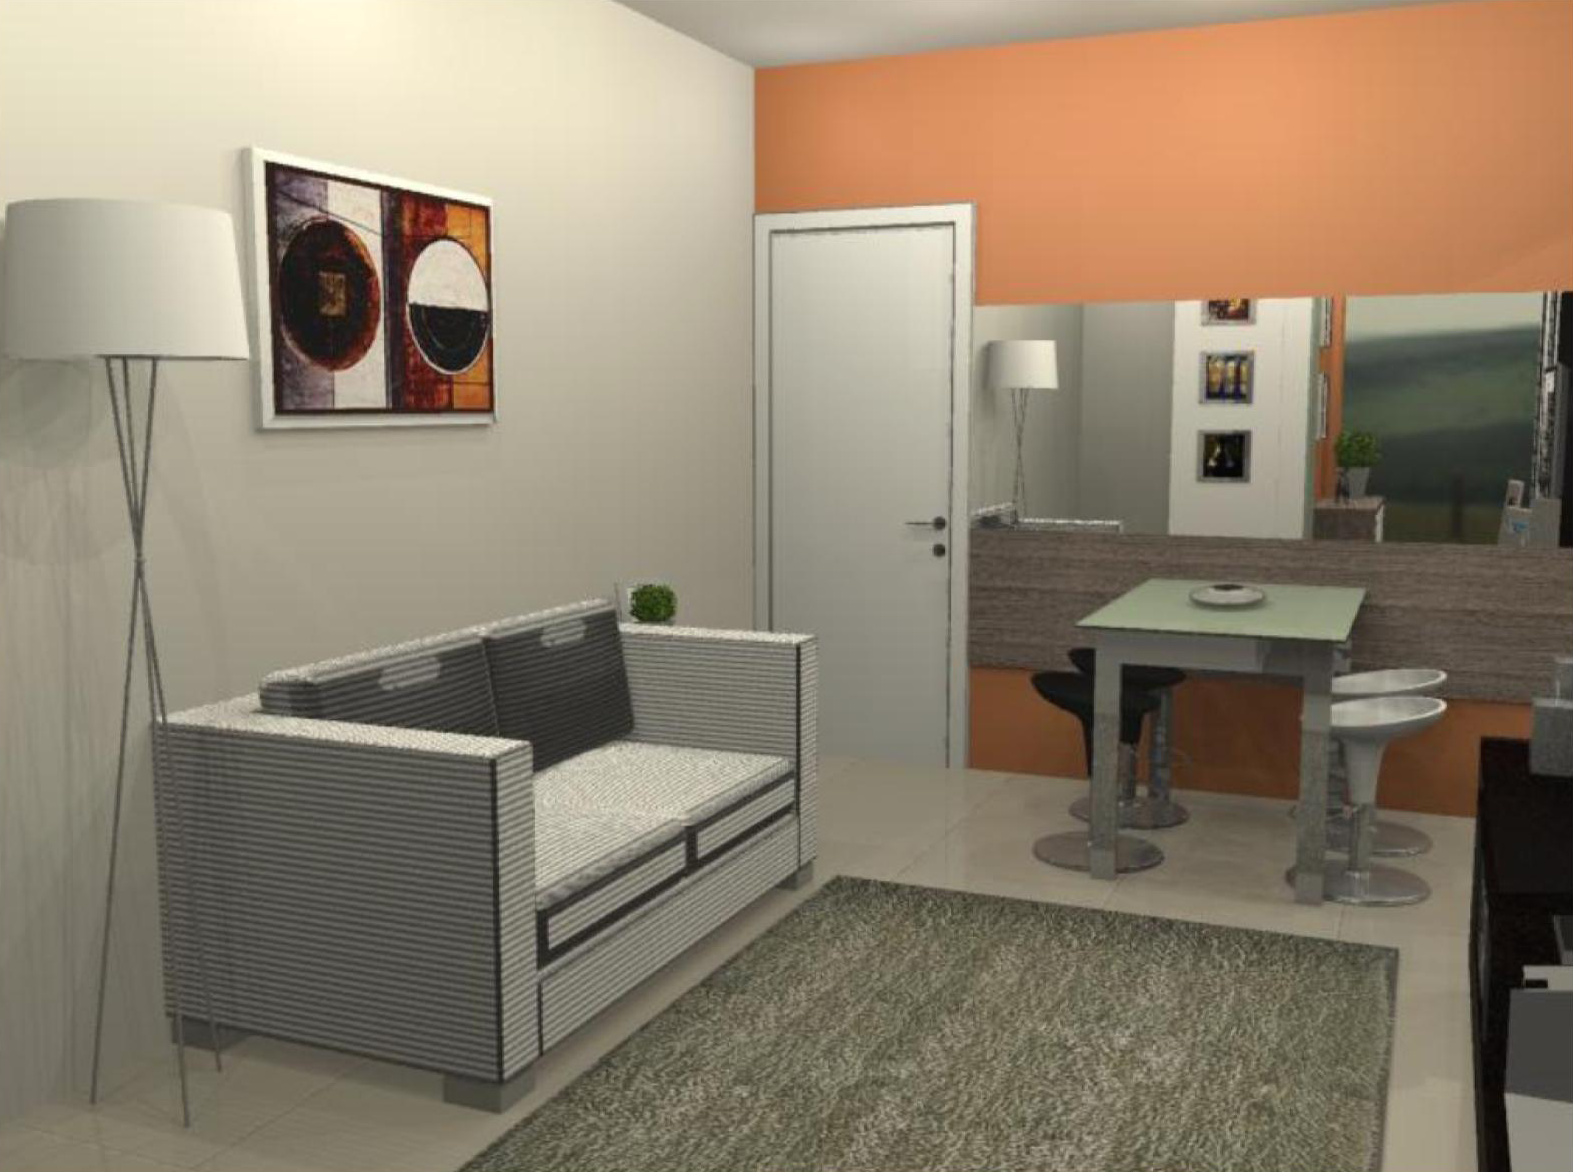 Decoracao Sala Homem ~ decoracao sala homem solteiroKAZE arquitetura Apartamento do Homem